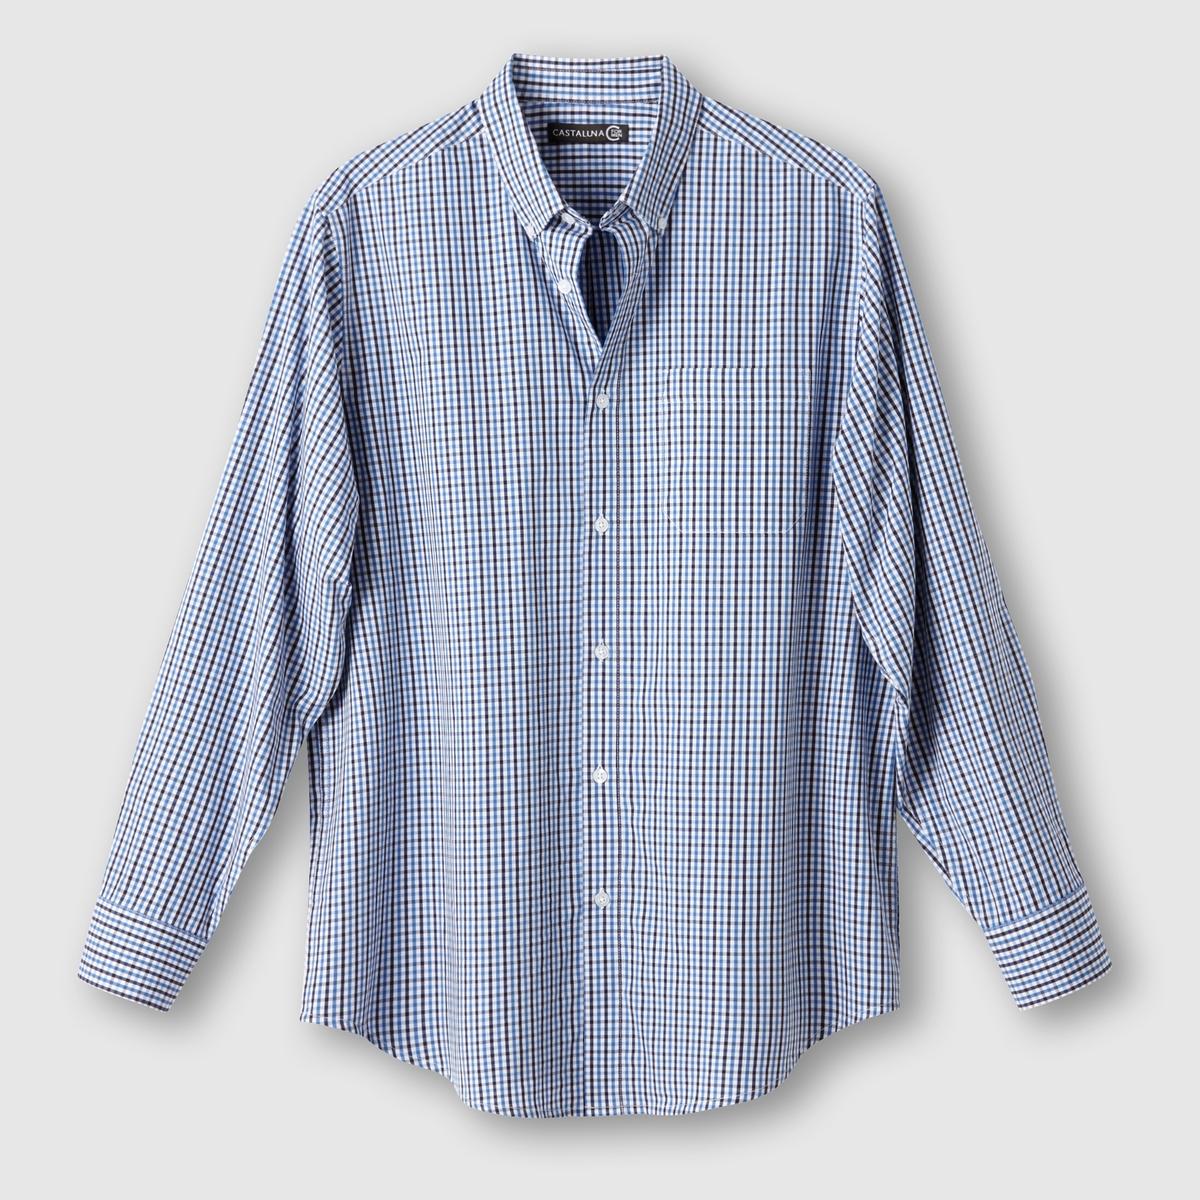 Рубашка в клетку<br><br>Цвет: темно-синий/ синий<br>Размер: 51/52.55/56.41/42